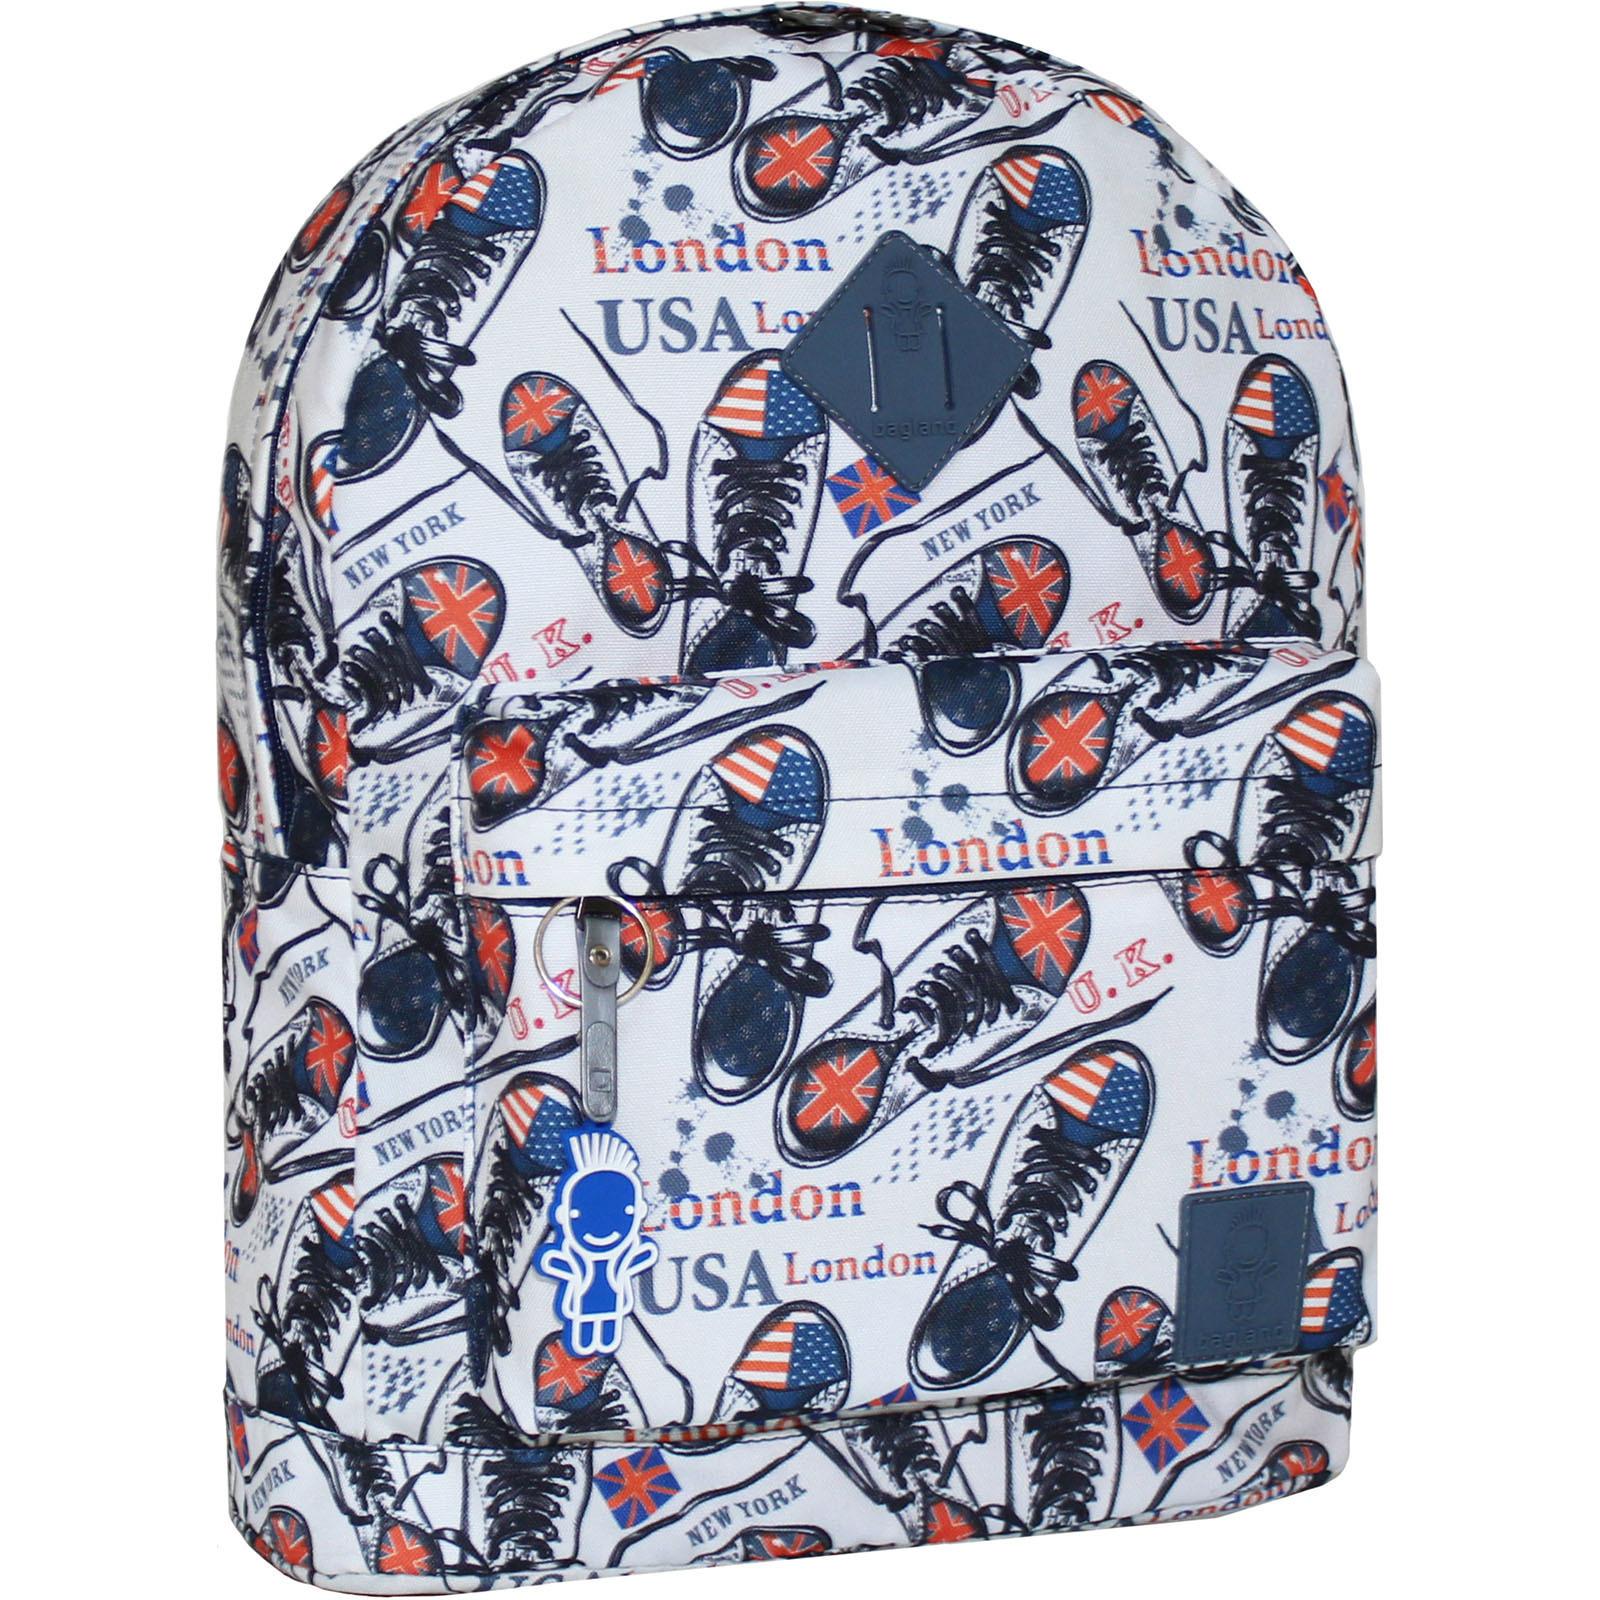 Городские рюкзаки Рюкзак Bagland Молодежный (дизайн) 17 л. сублимация (кеды) (00533664) IMG_3820.JPG